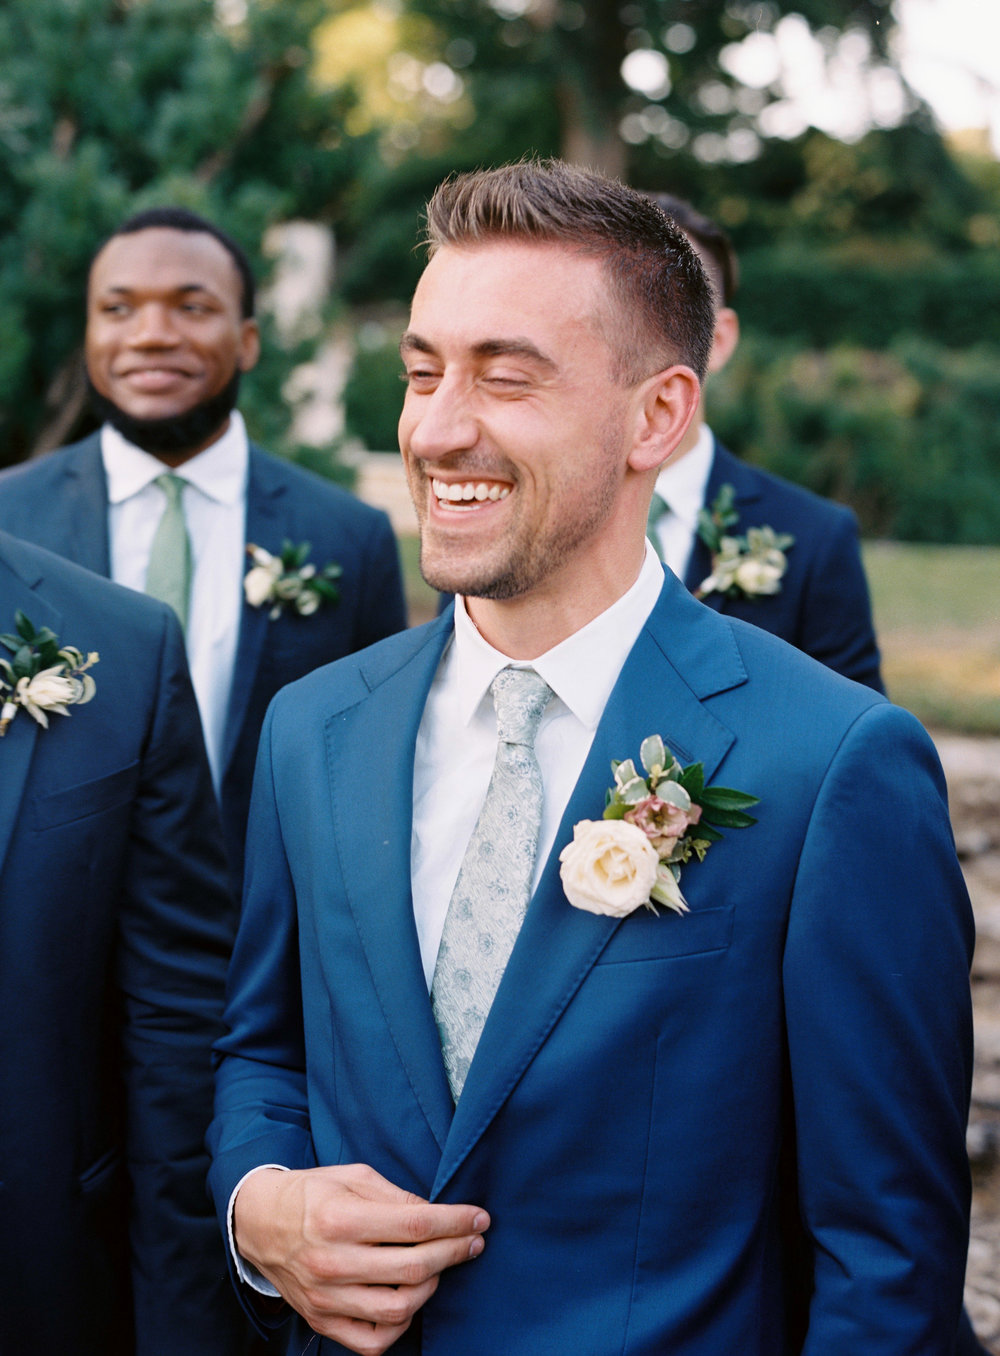 Nashville, TN and Southeastern Wedding Floral Designer